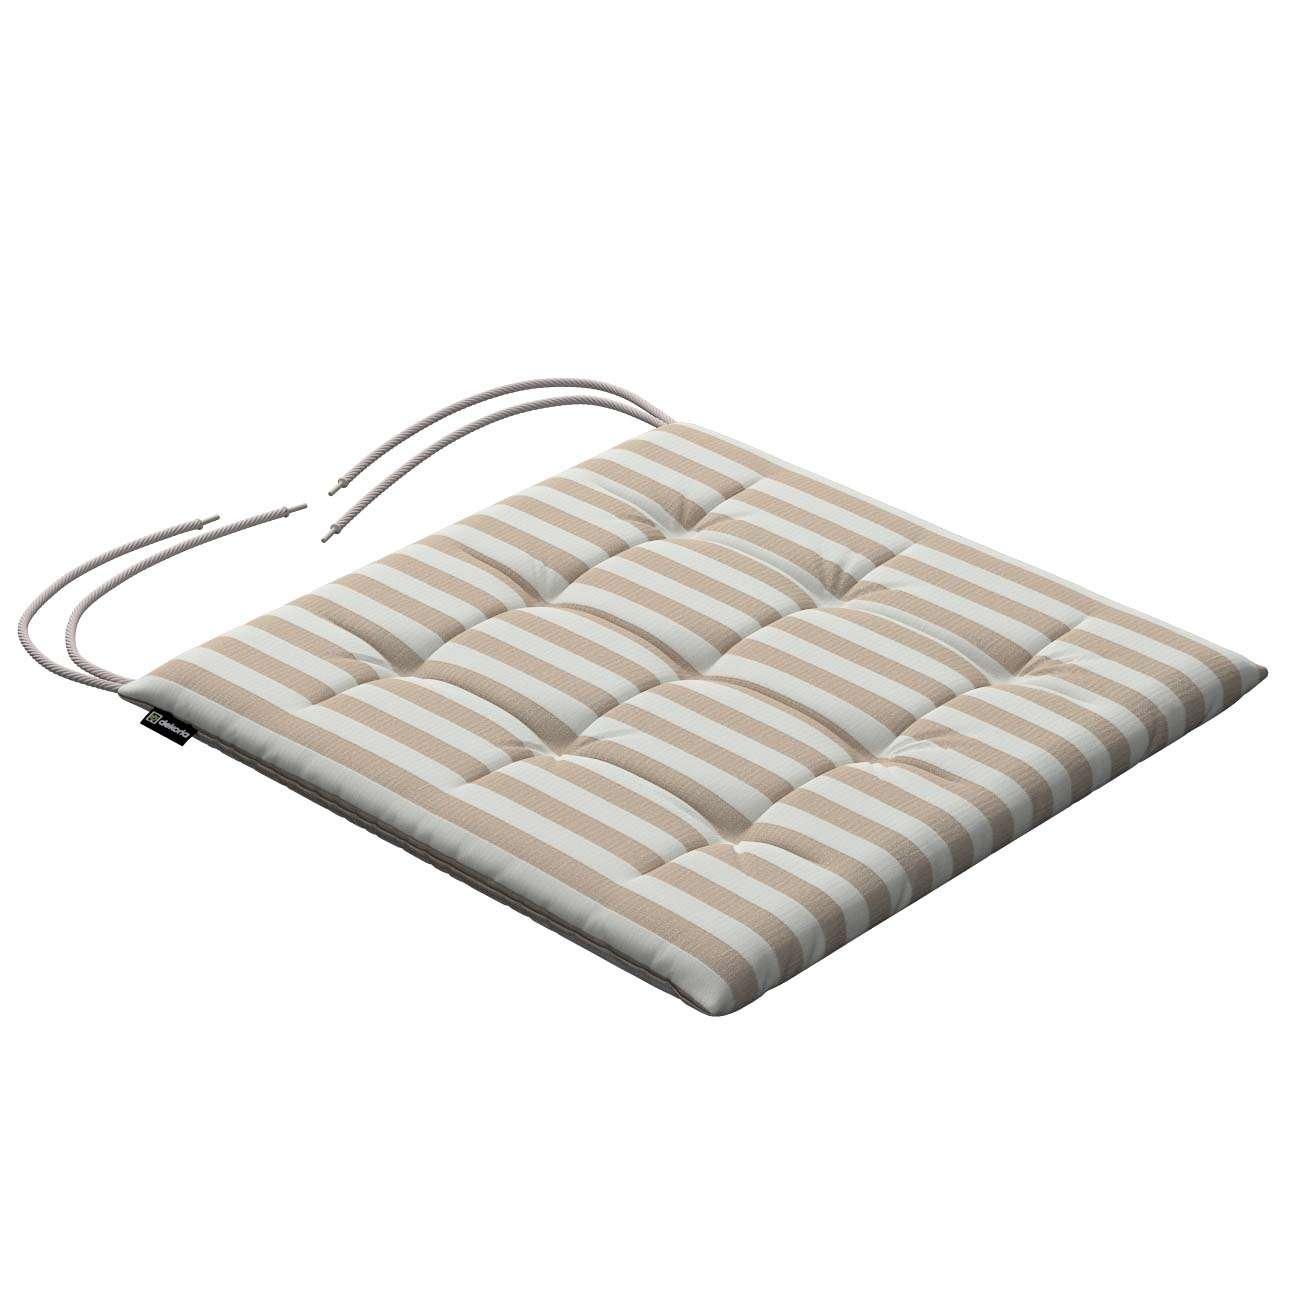 Siedzisko Karol na krzesło 40x40x3,5cm w kolekcji Quadro, tkanina: 136-07